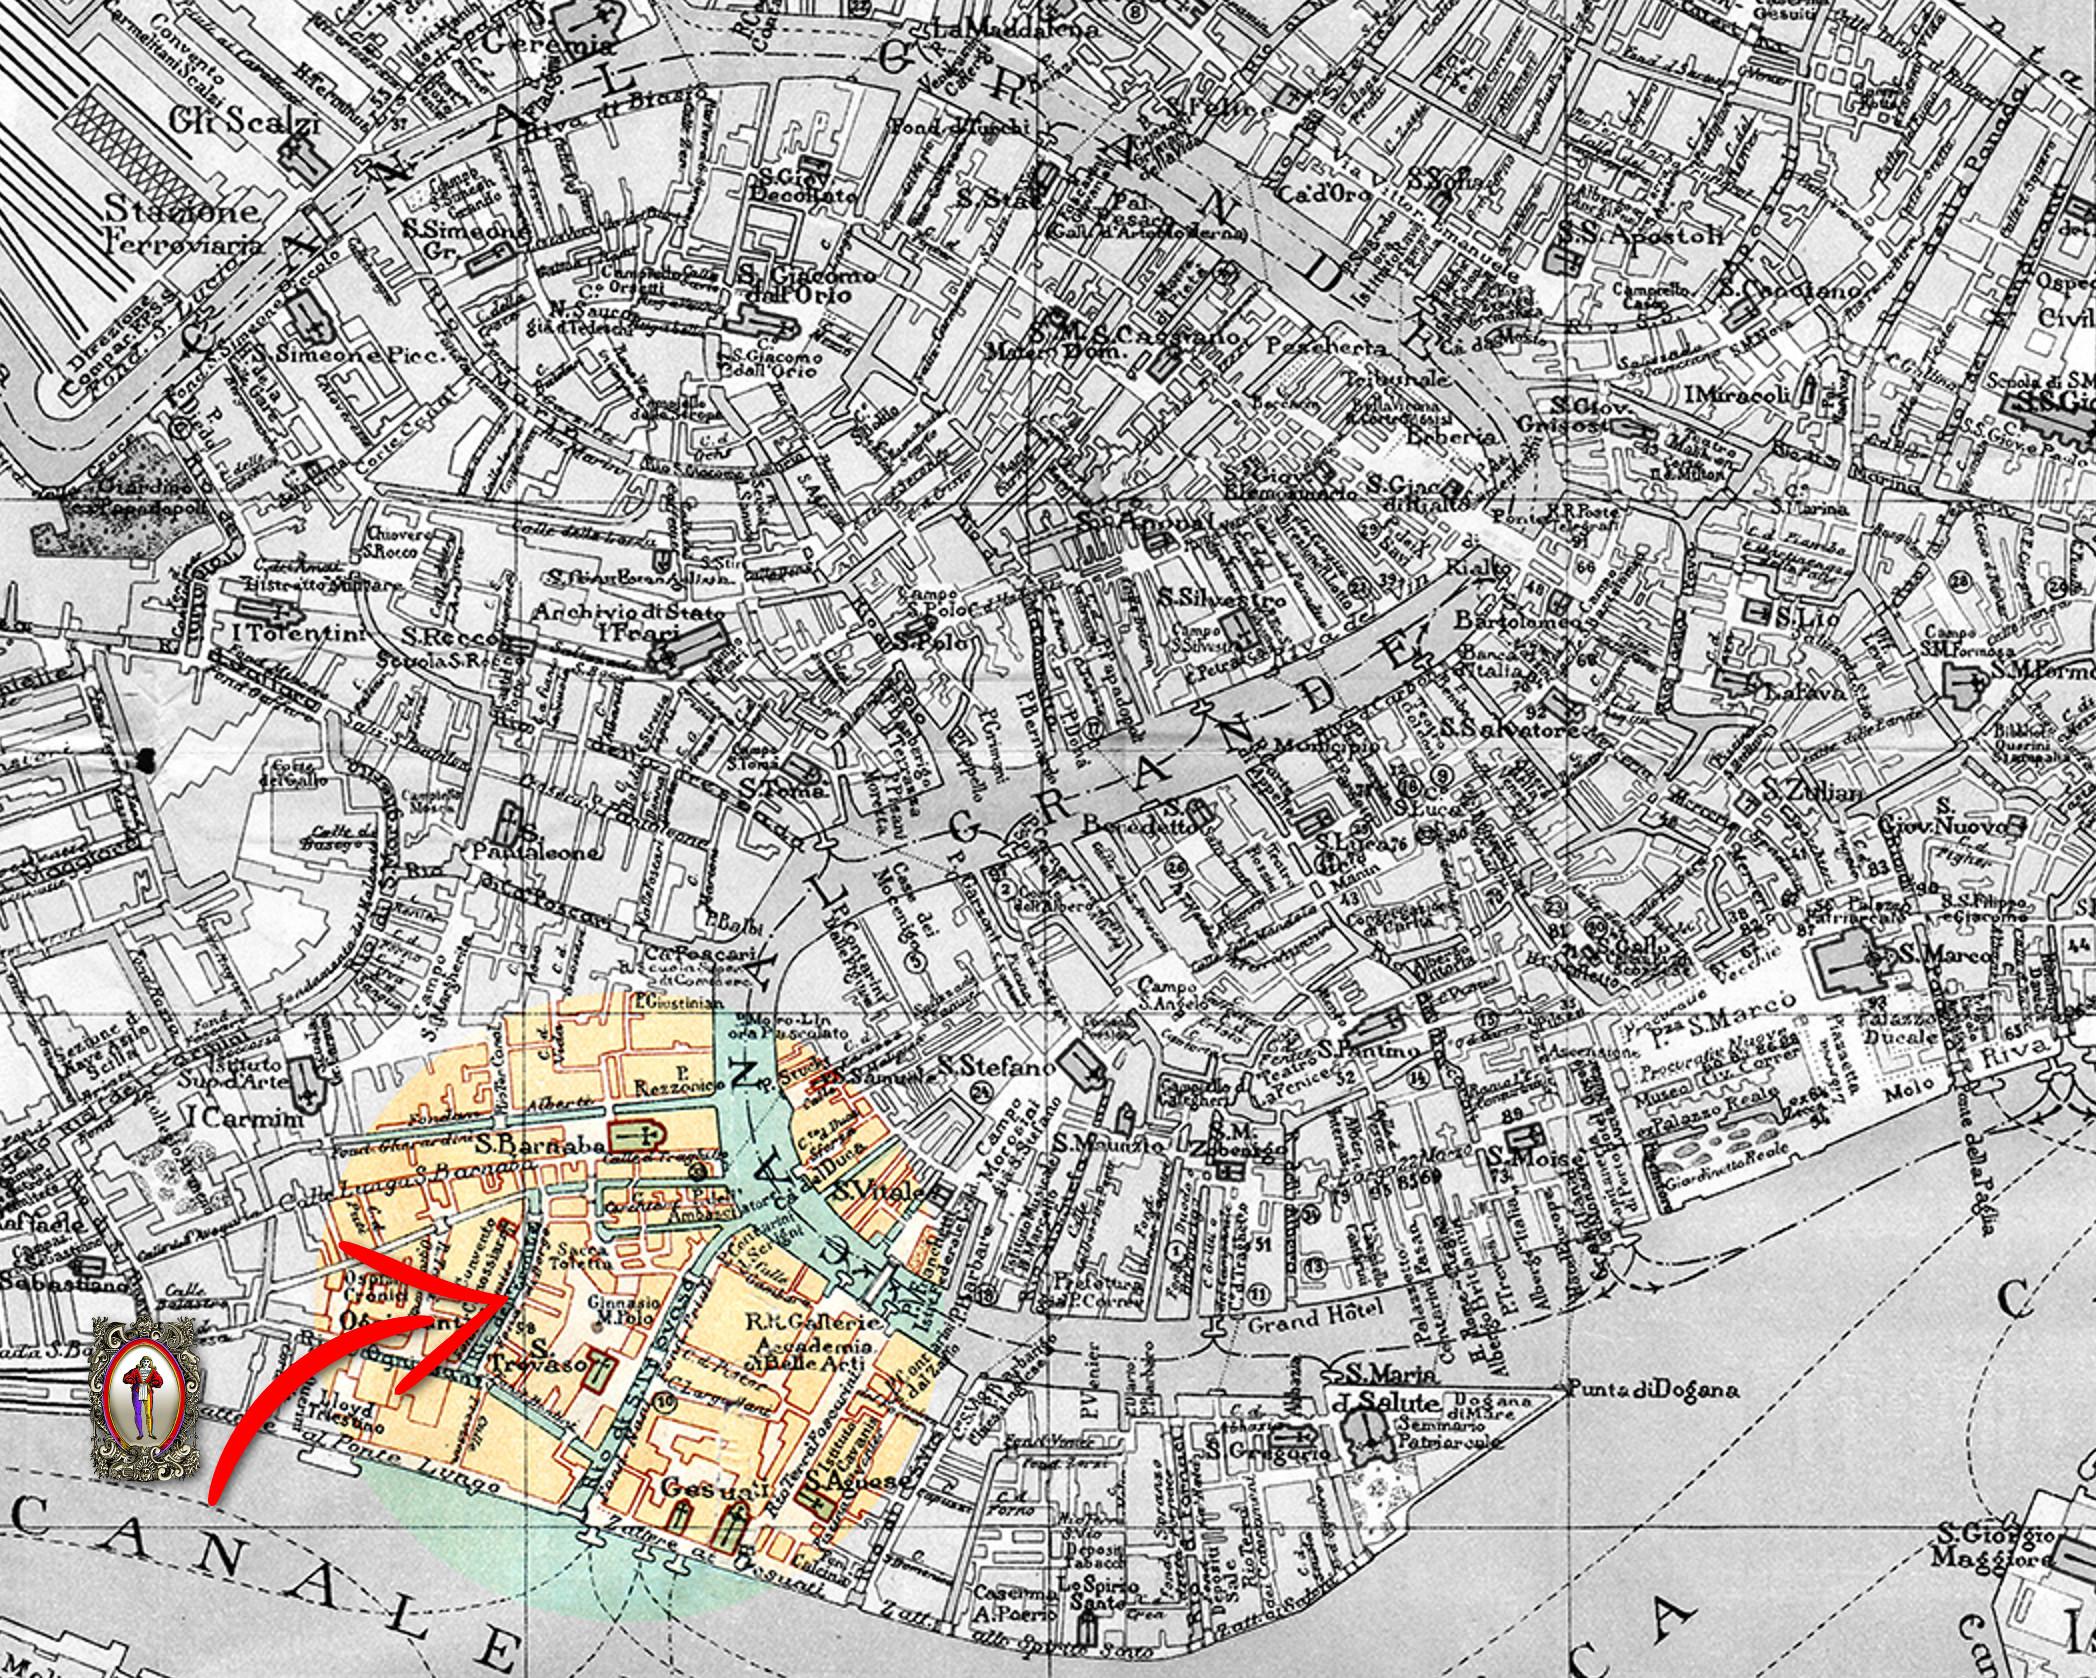 Compagnia de Calza I Antichi. Dorsoduro 1138 (Calle Ochialera - Fondamenta di Borgo)